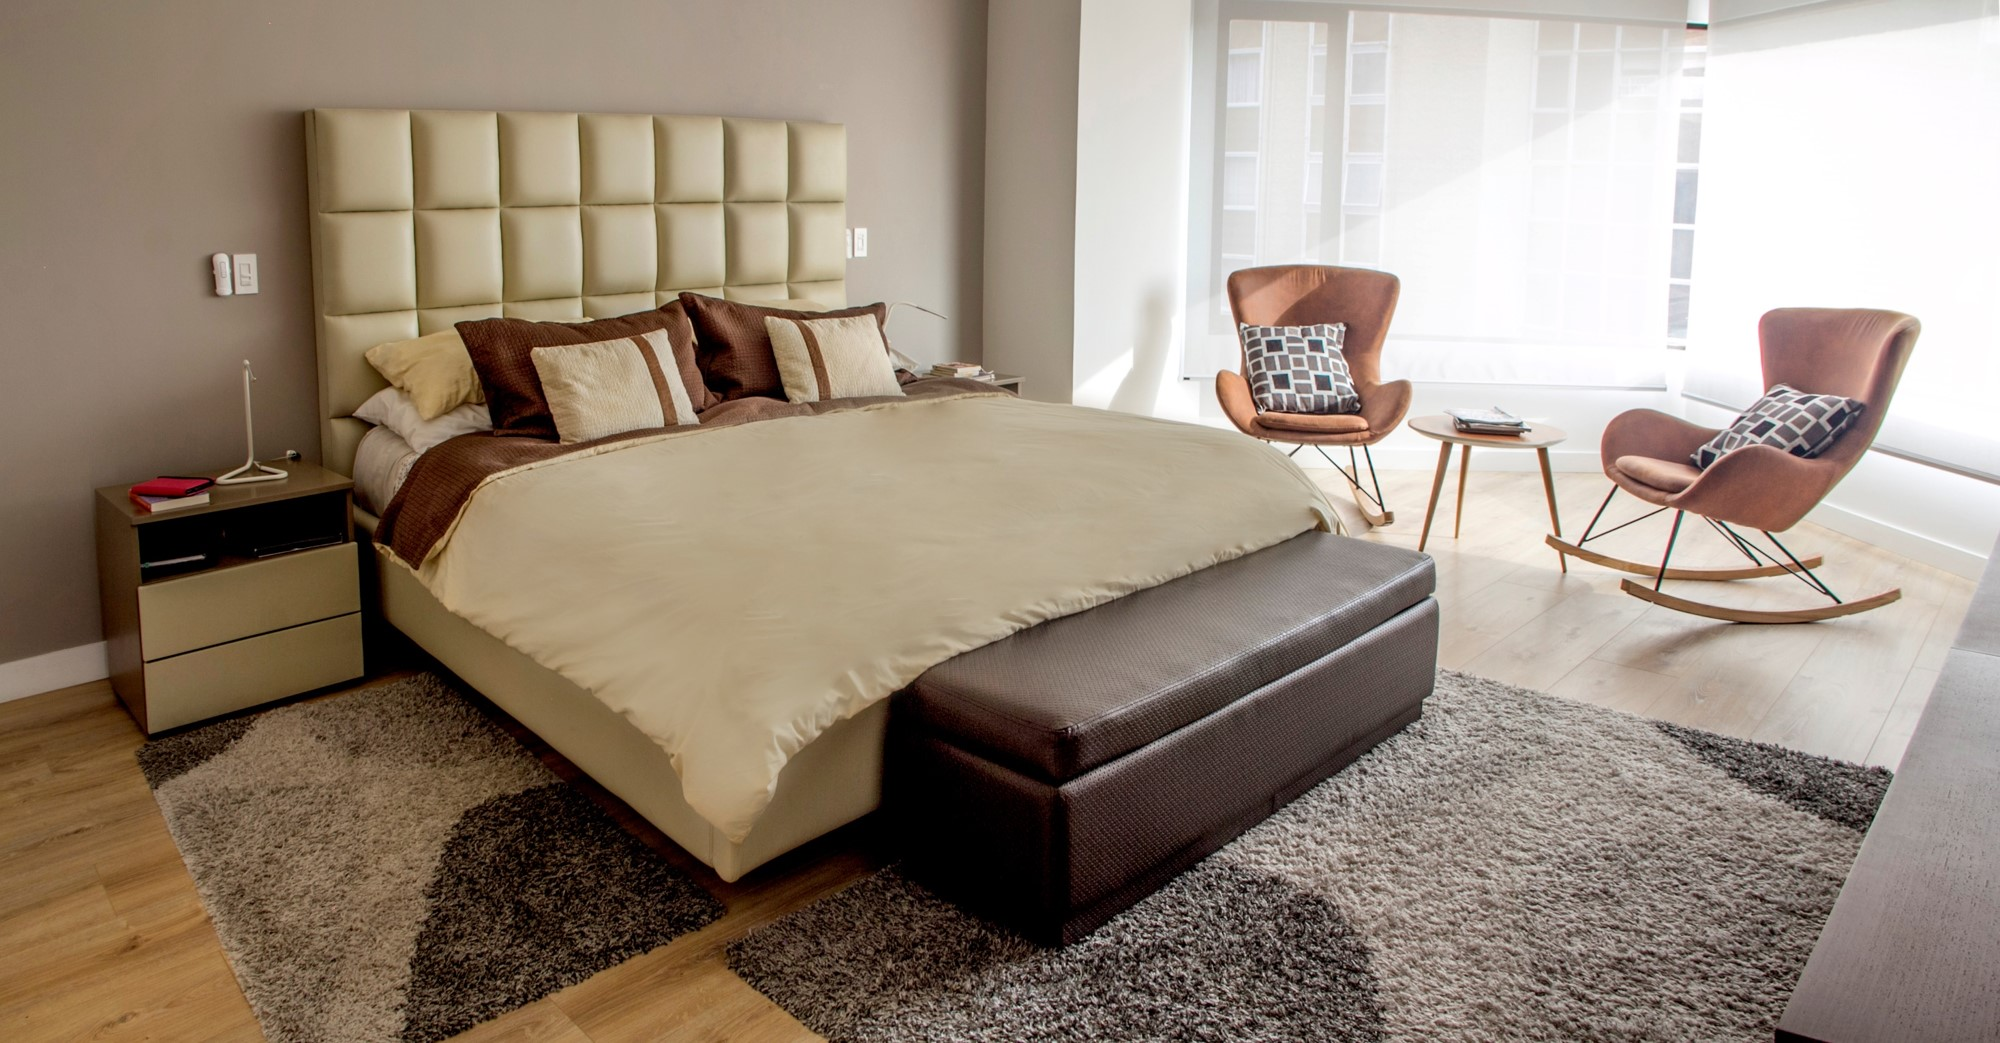 Diseño de la habitación